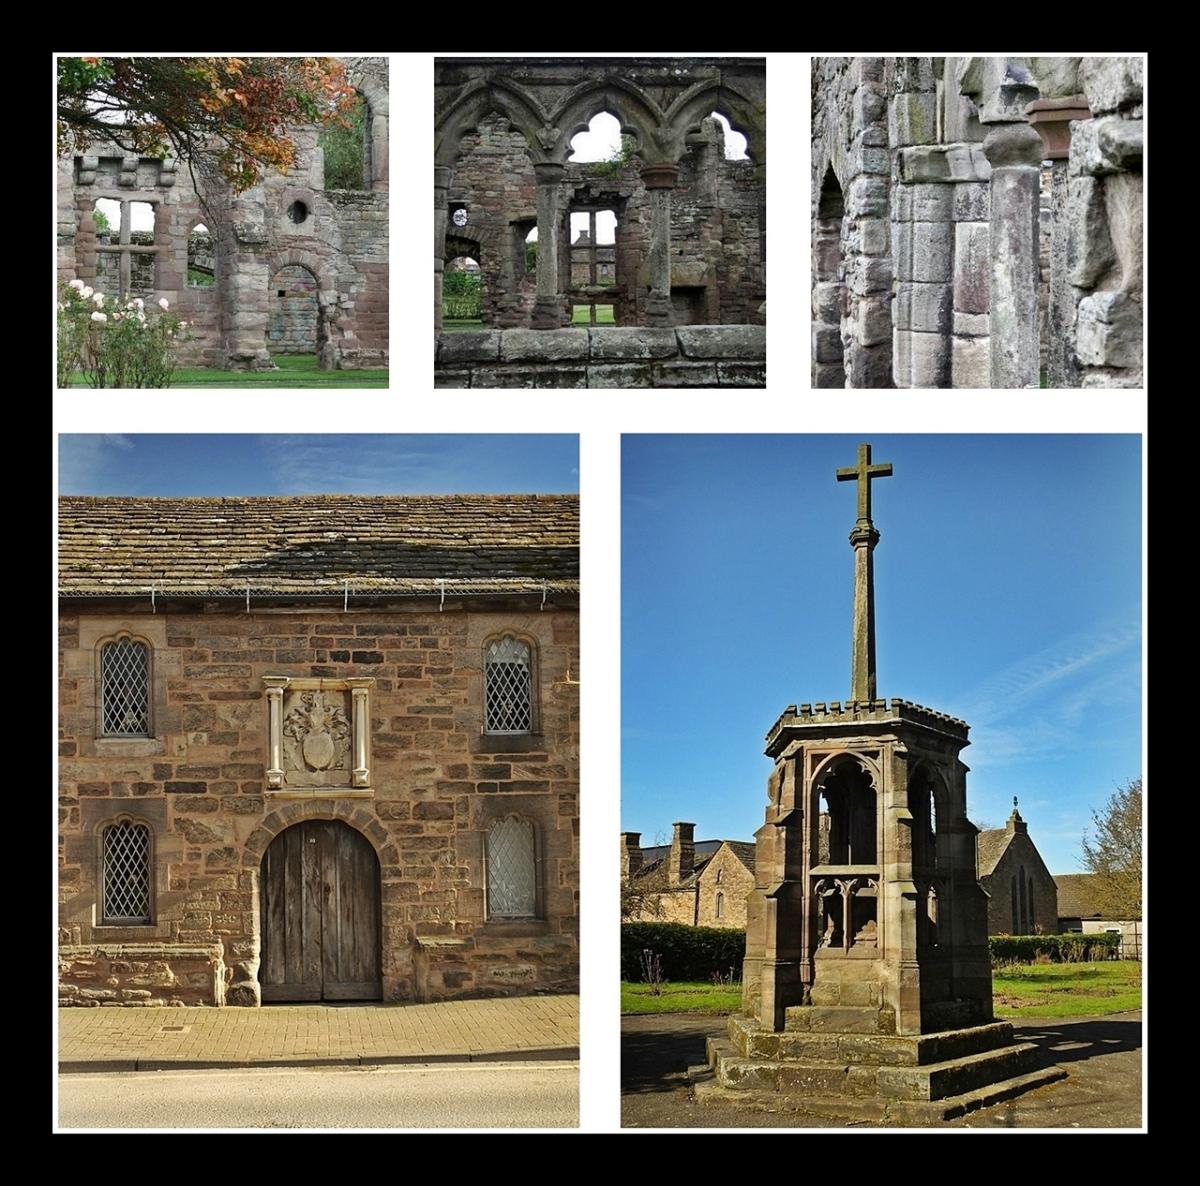 Ruiny Black Friars Monastery, Coningsby Hospital i czternastowieczny Preaching Cross stojący na cmentarzu dawnego klasztoru (prawdopodobnie jedyny taki krzyż zachowany na Wyspach)